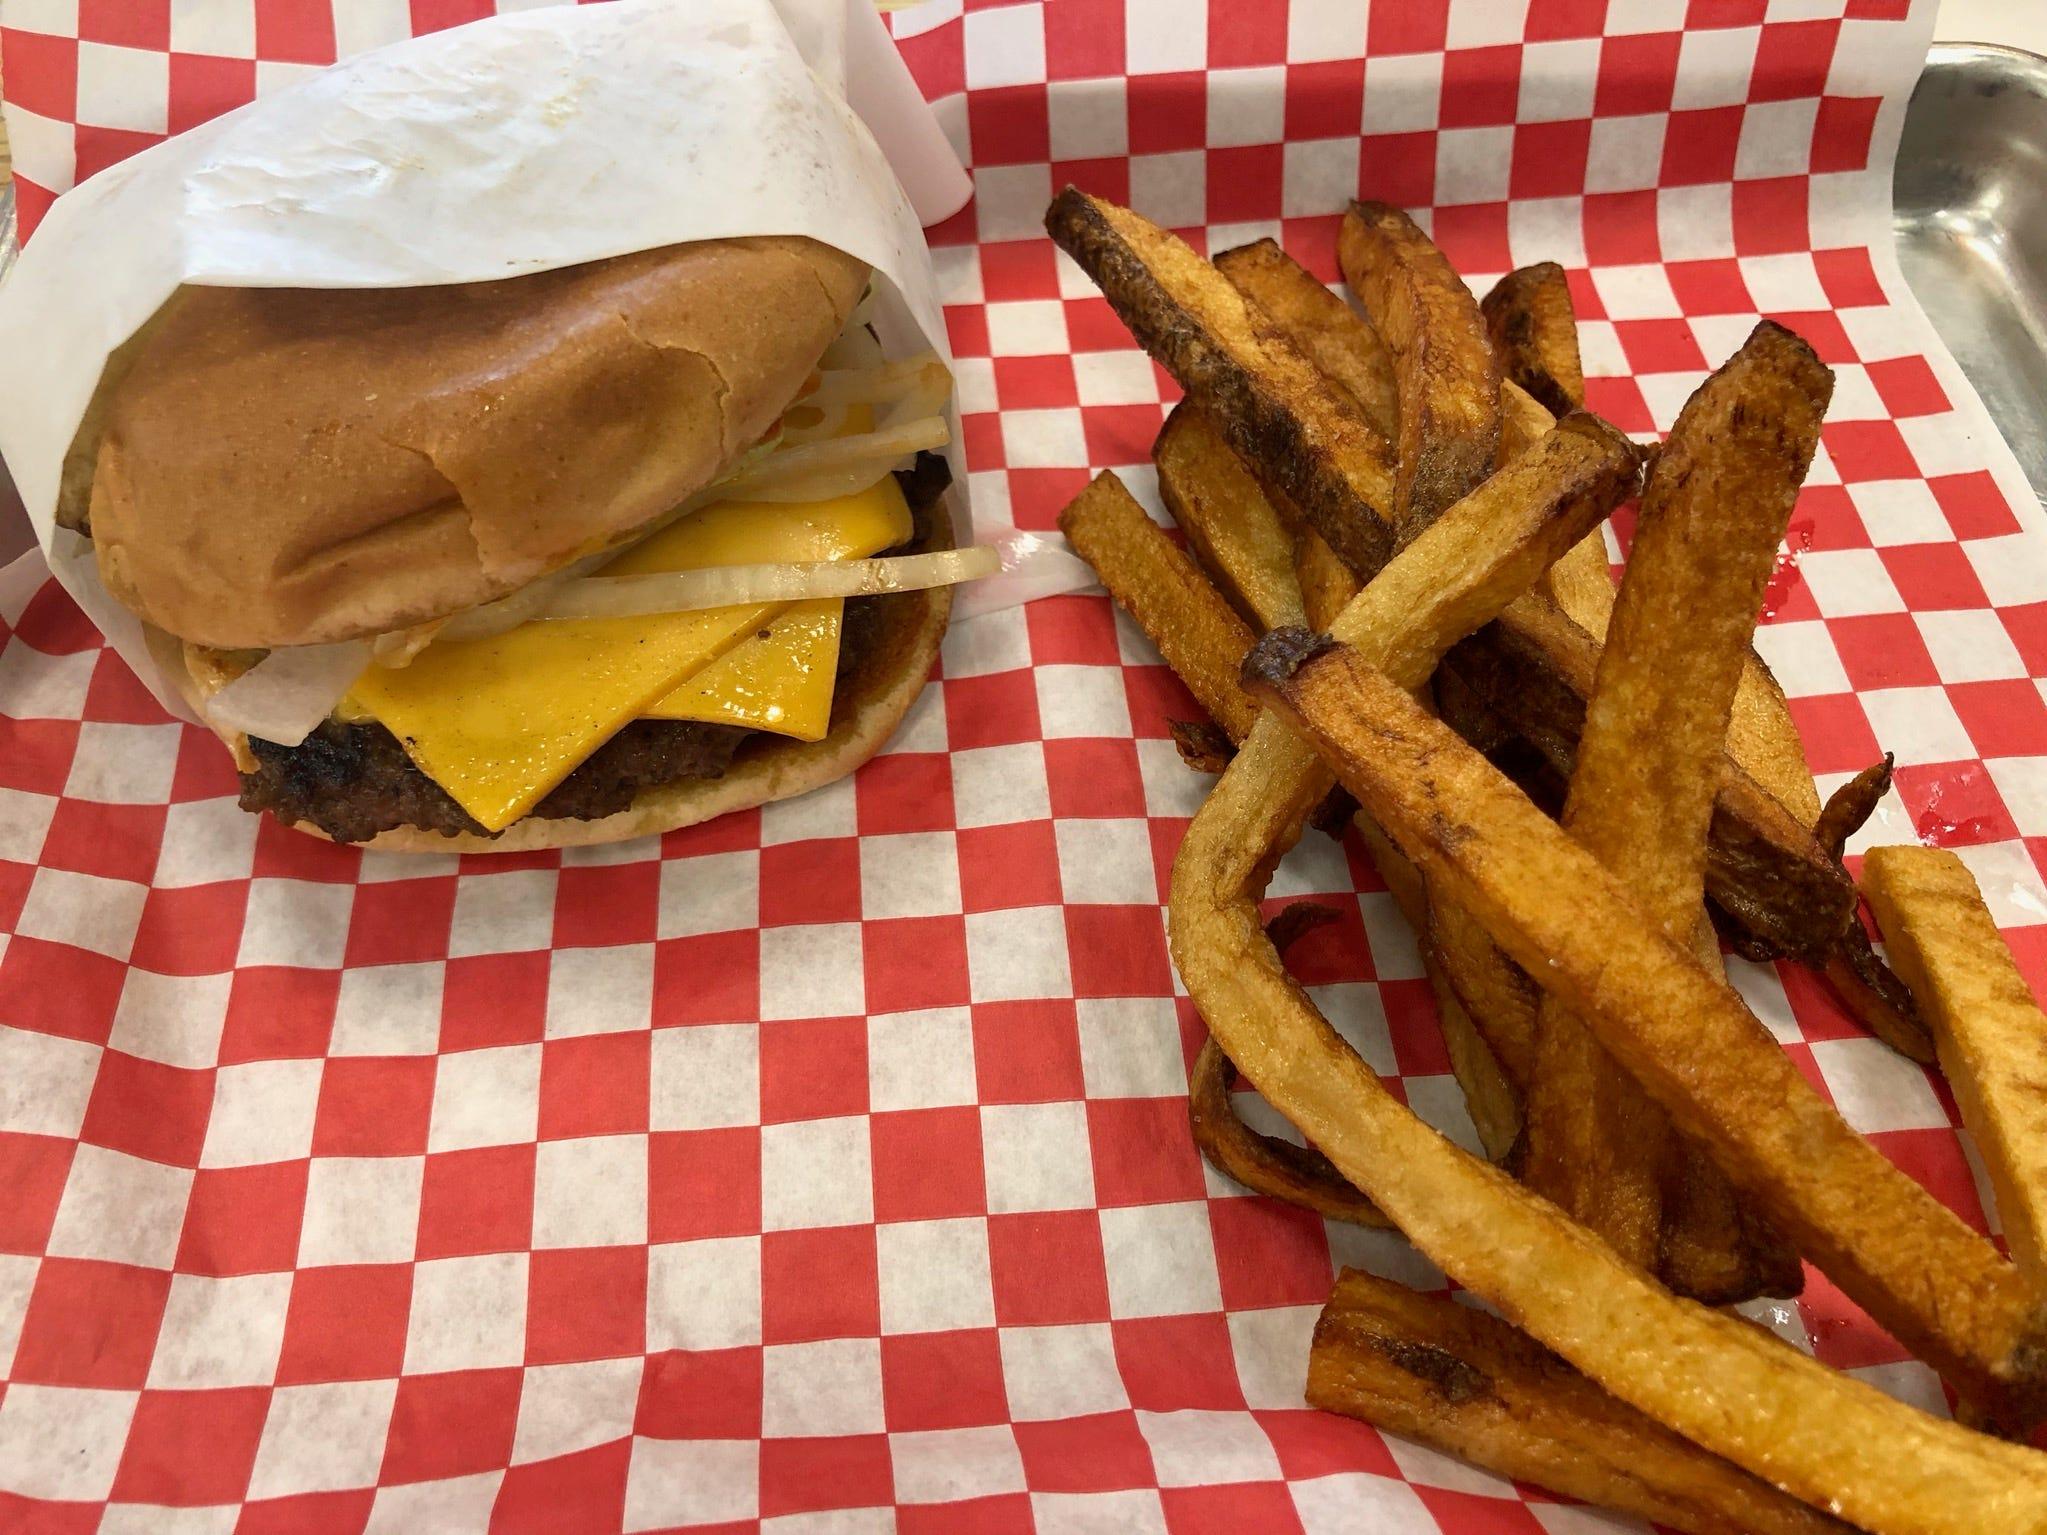 Homestyle Angus burger at Angus Burger.